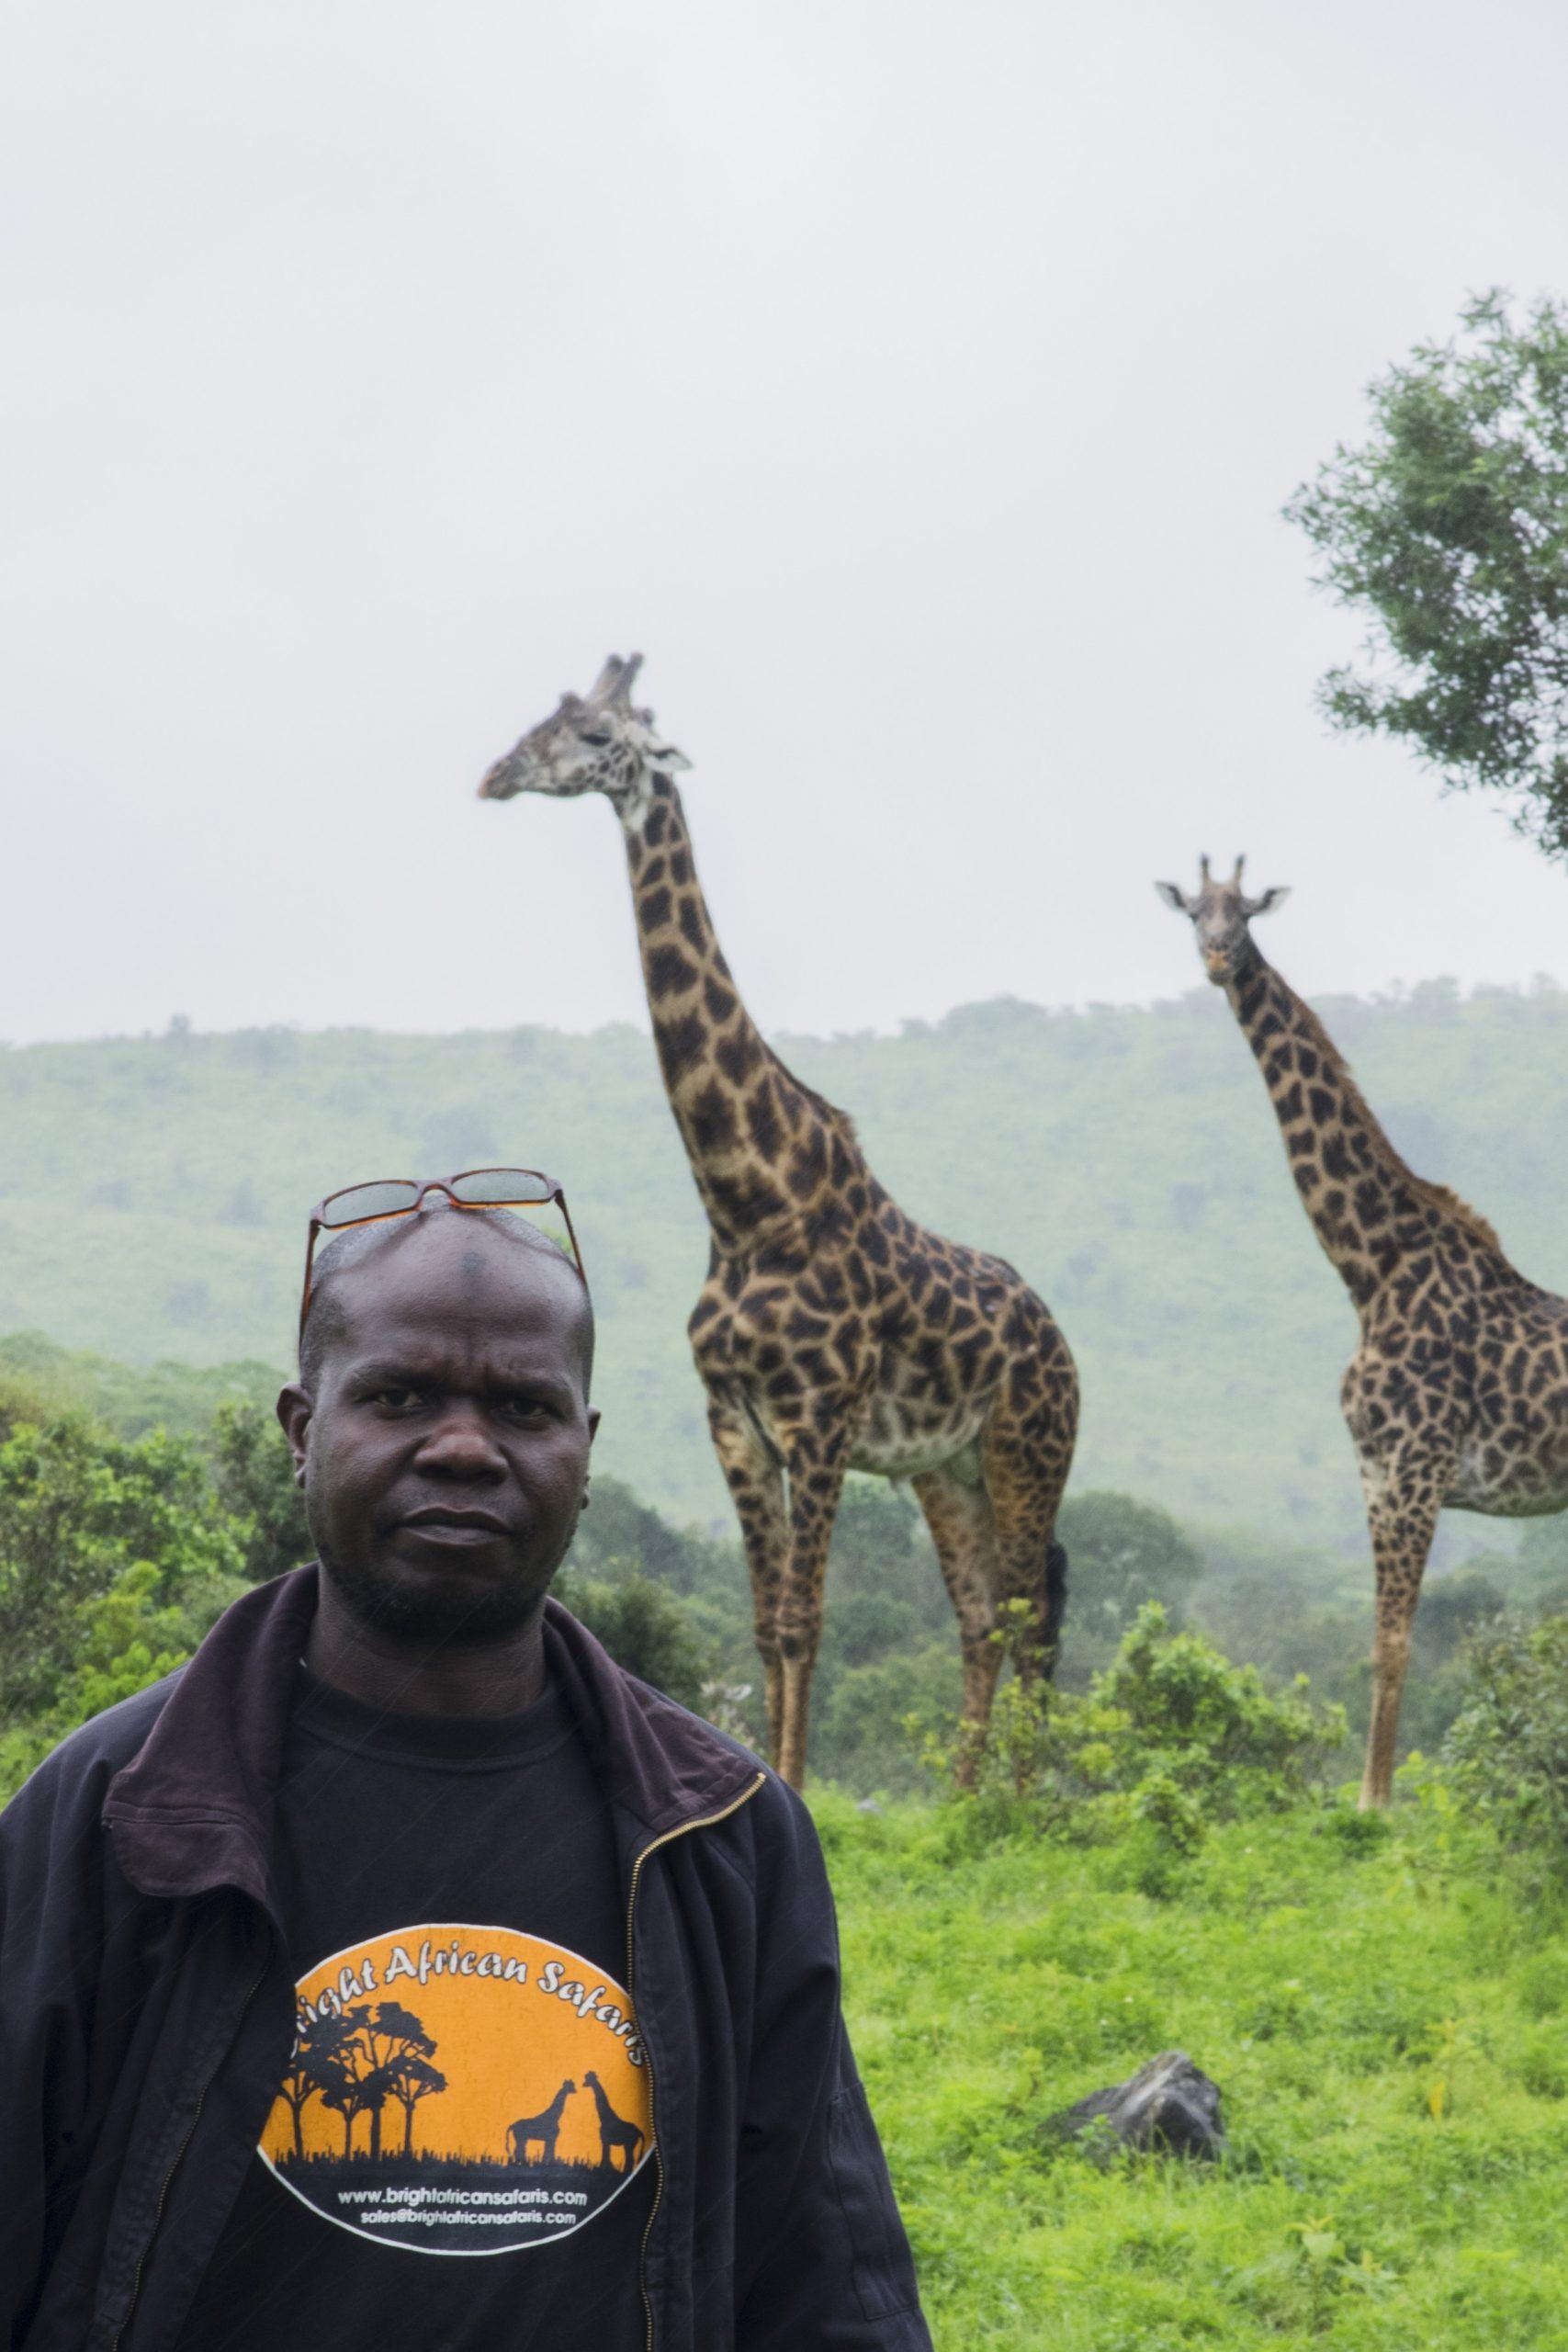 Masatu And Giraffe